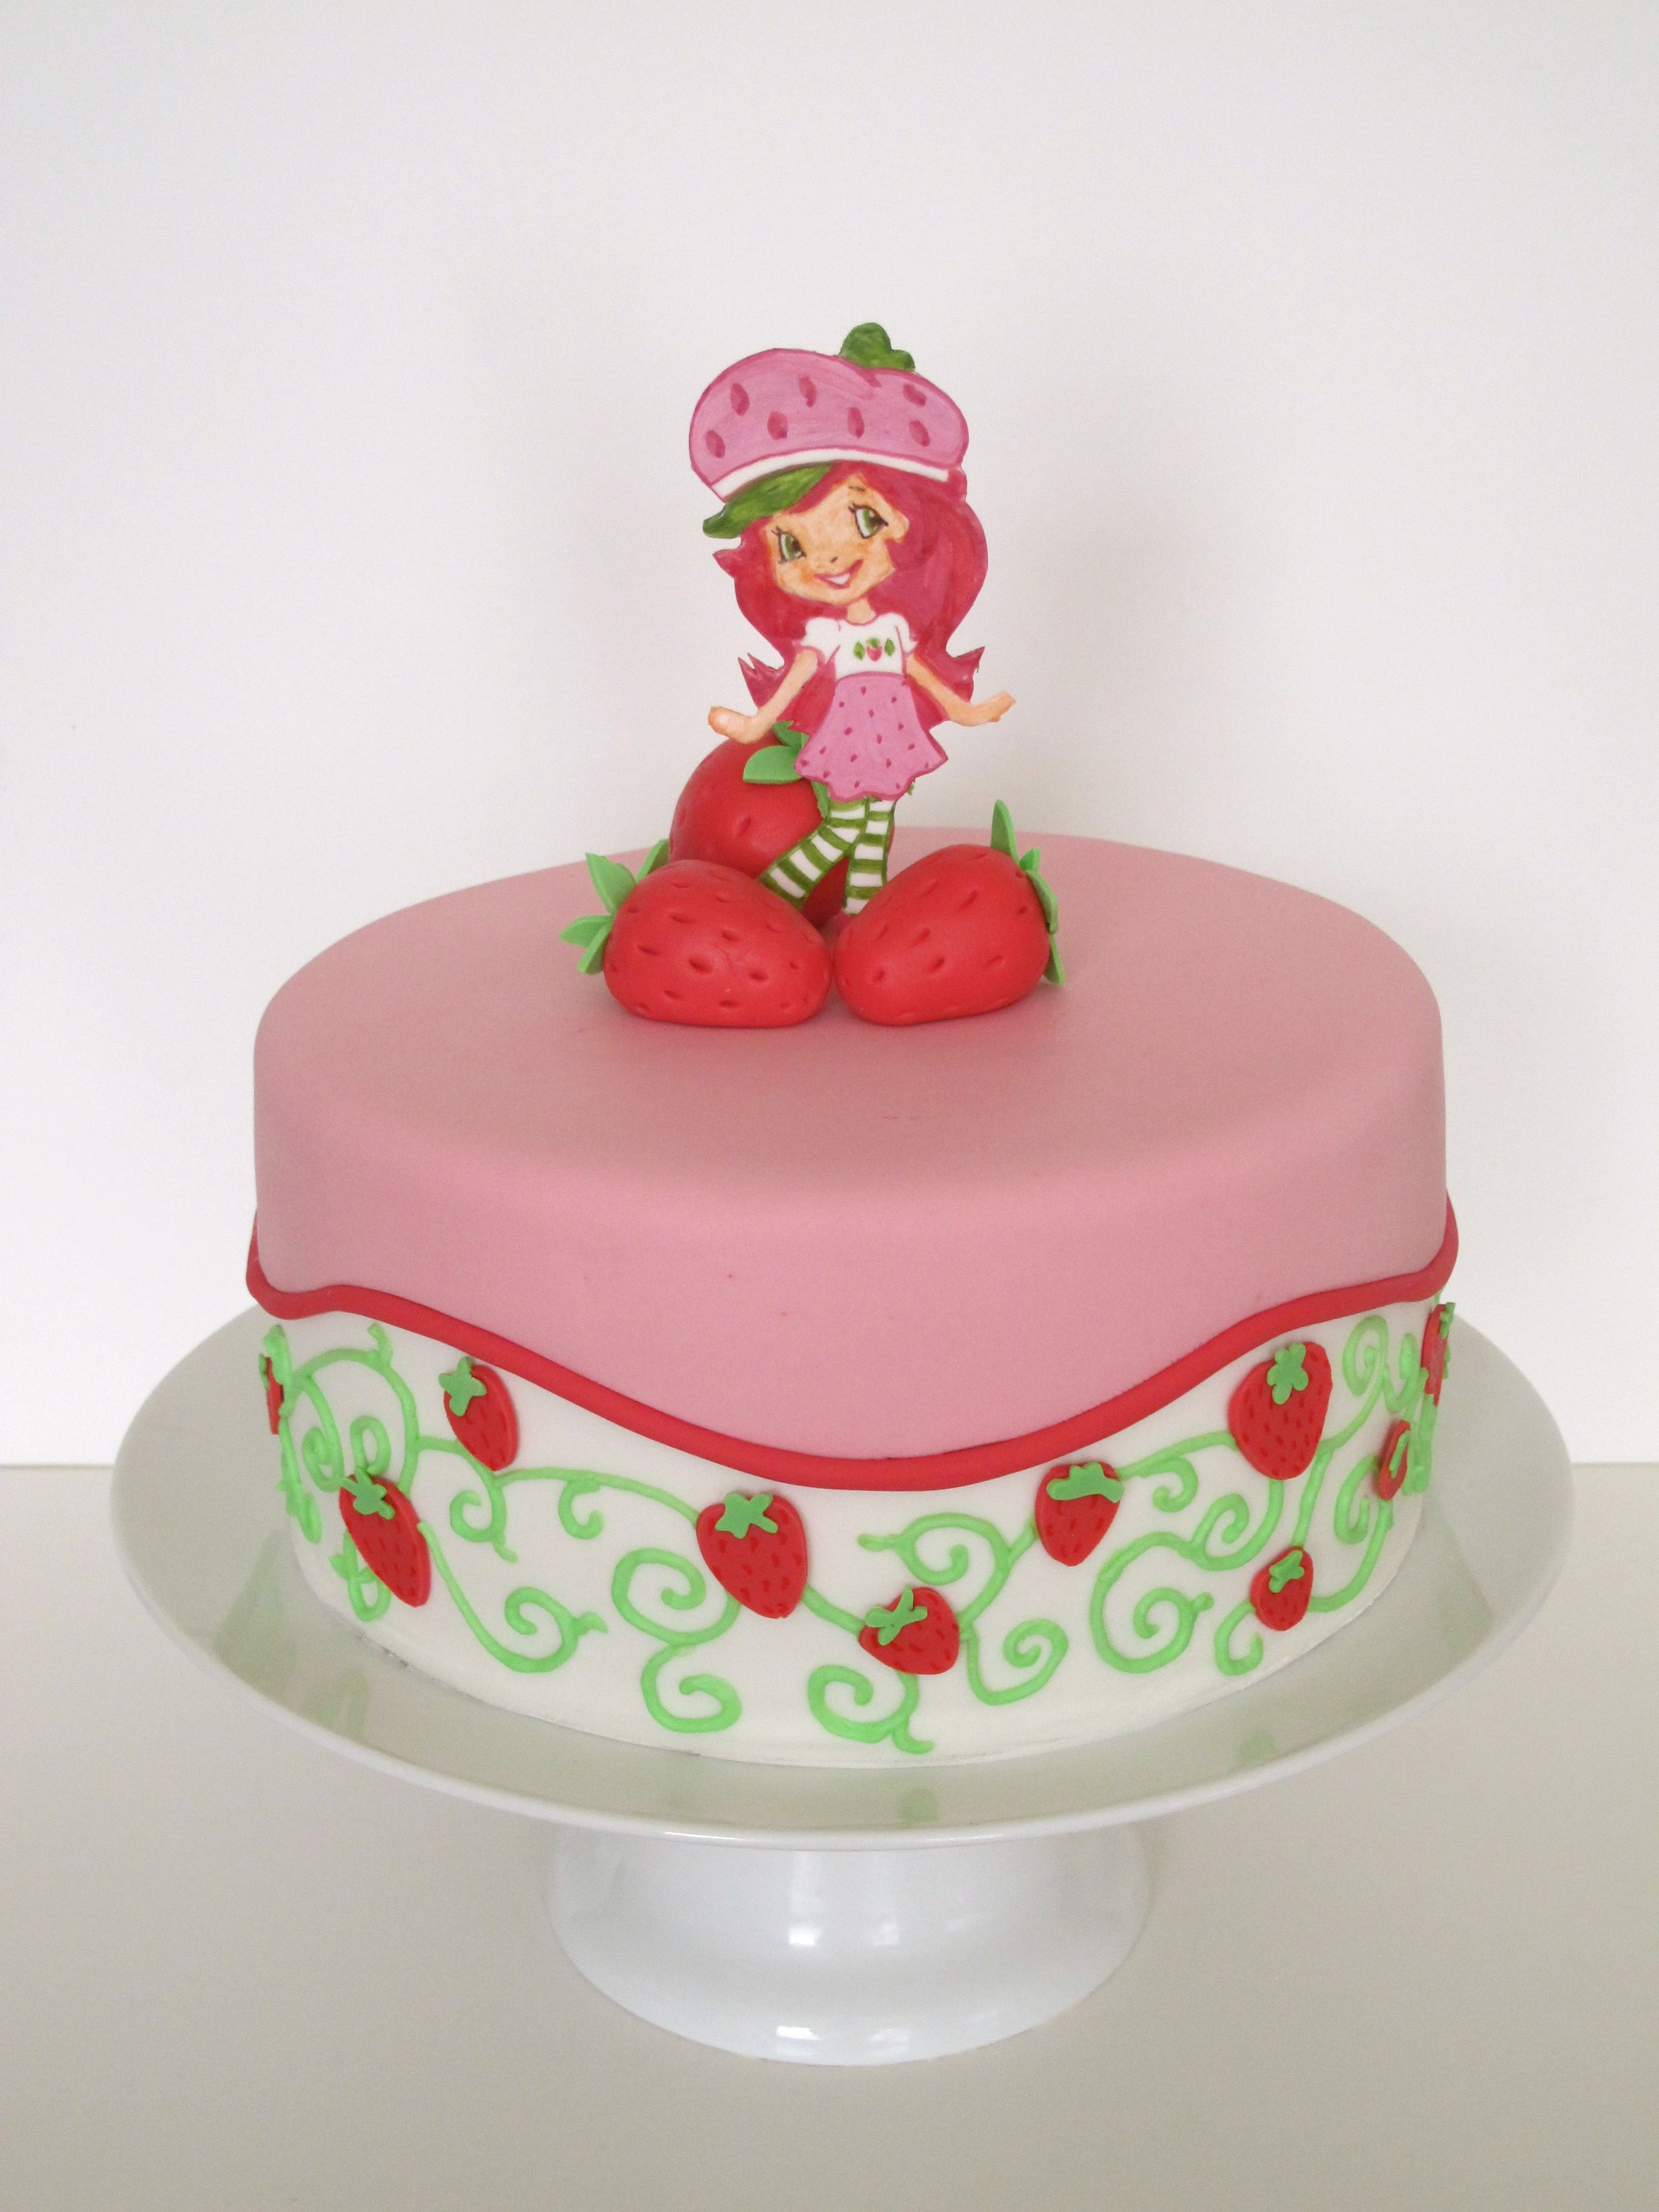 Strawberry Shortcake cake | My inspiration | Pinterest